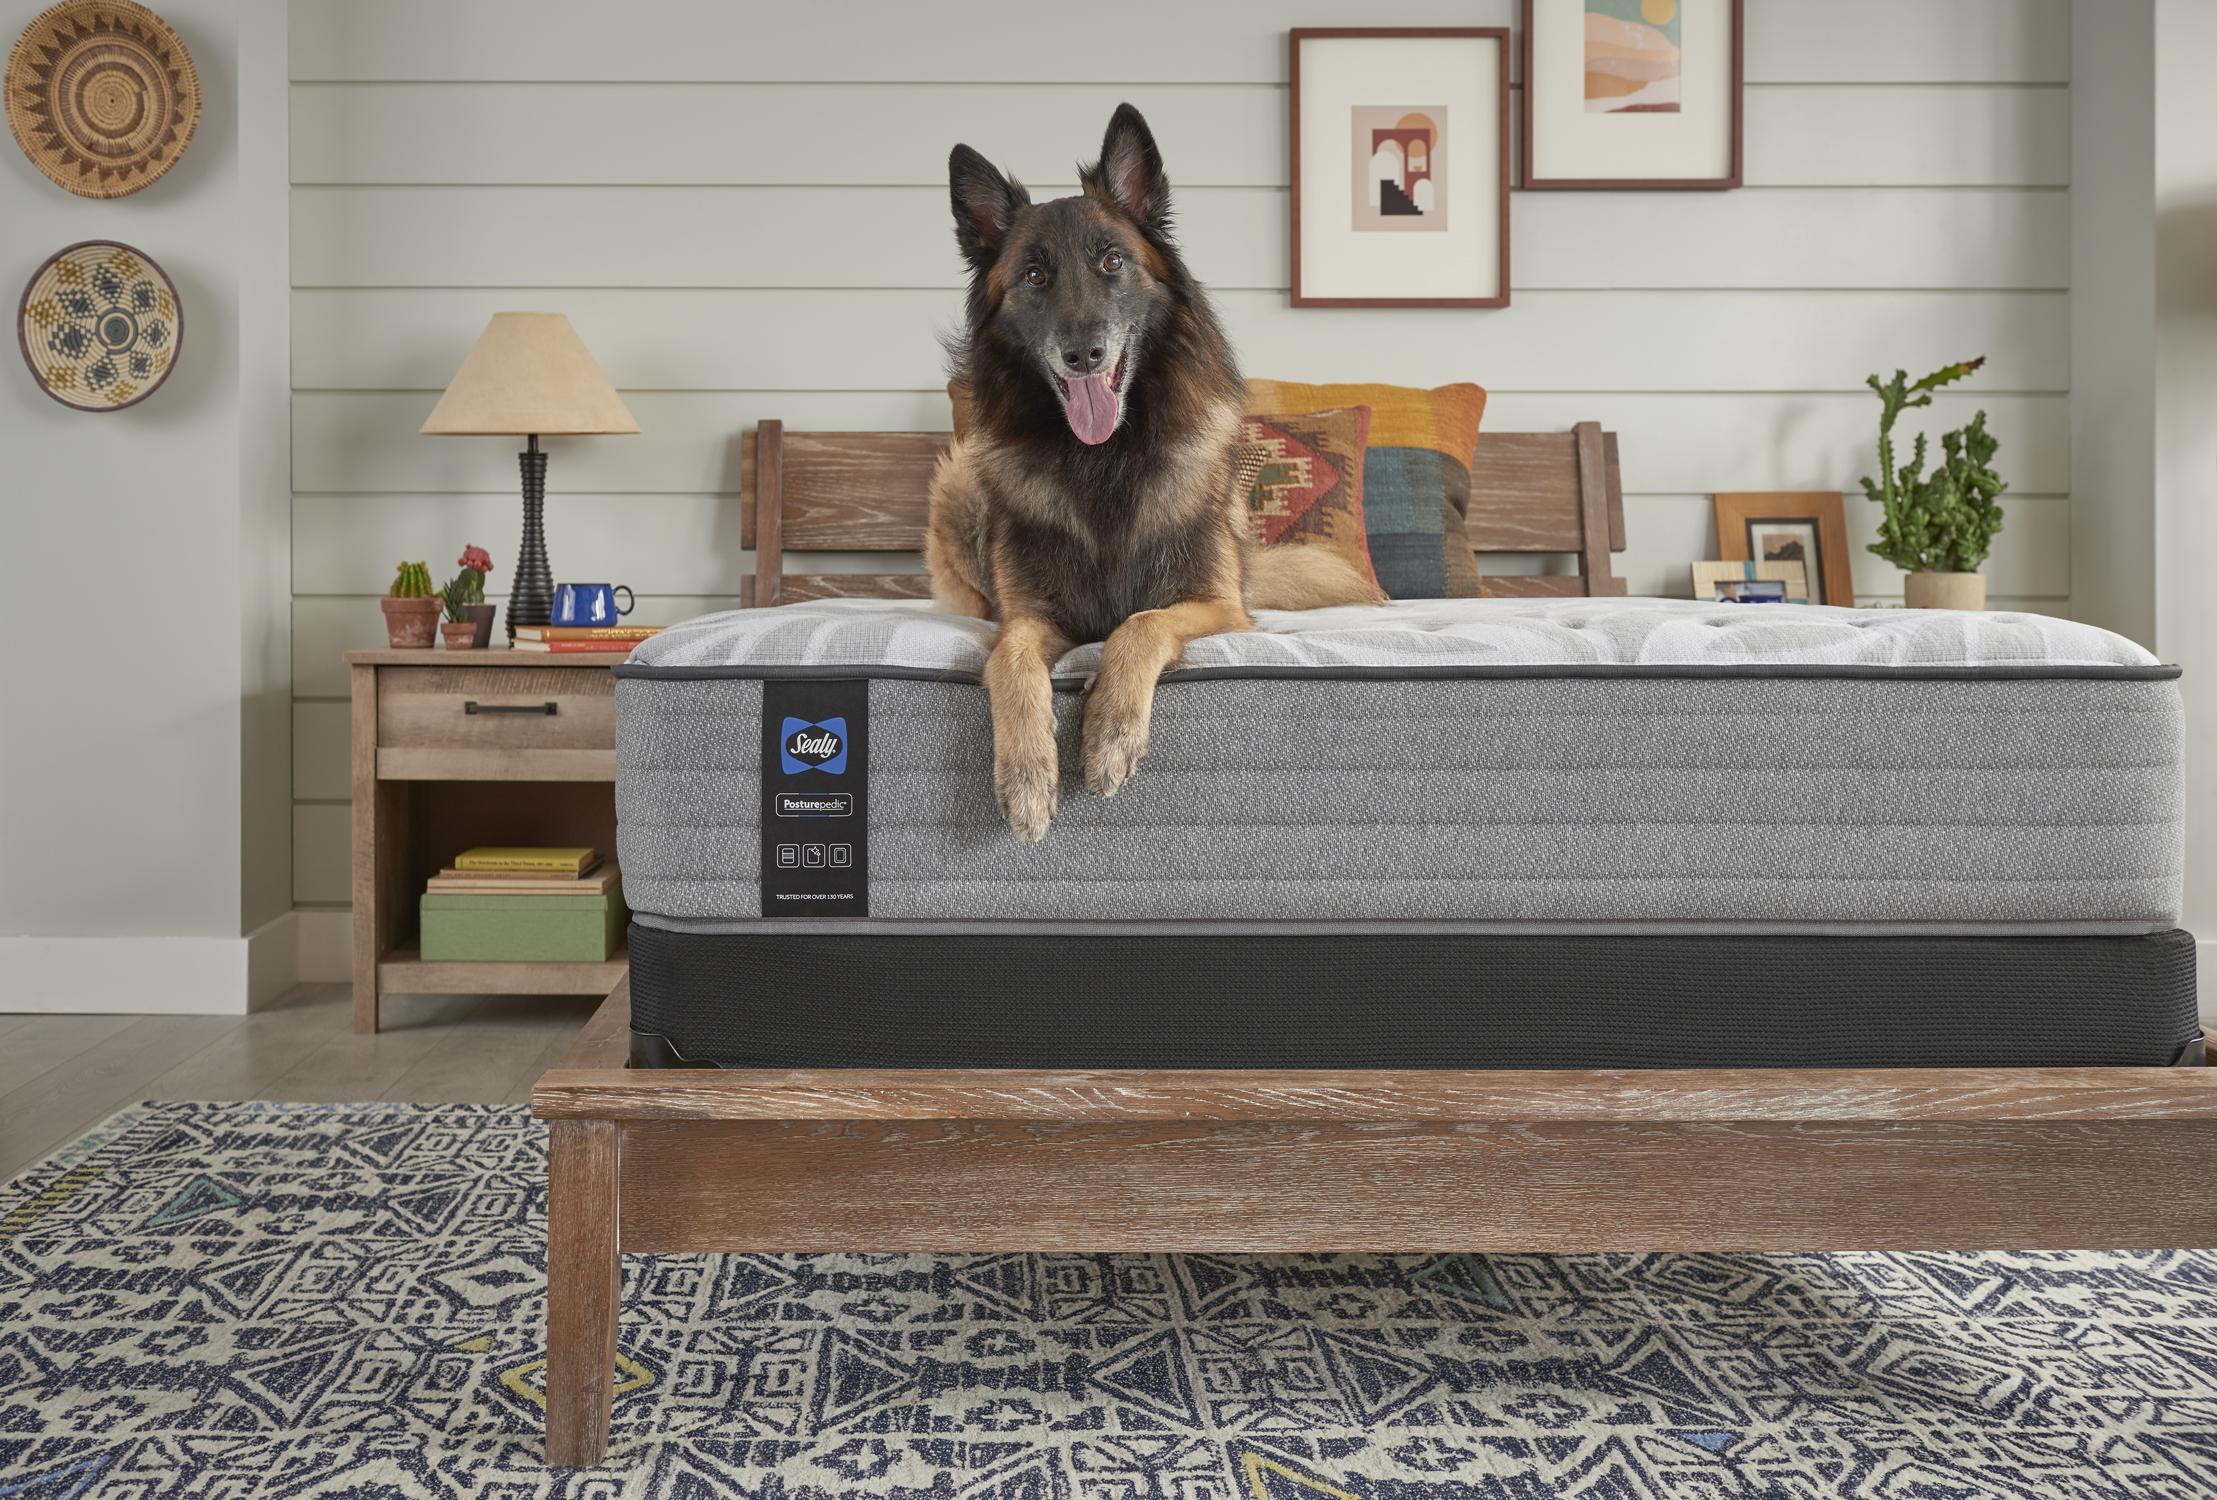 Dog lying on a Sealy mattress